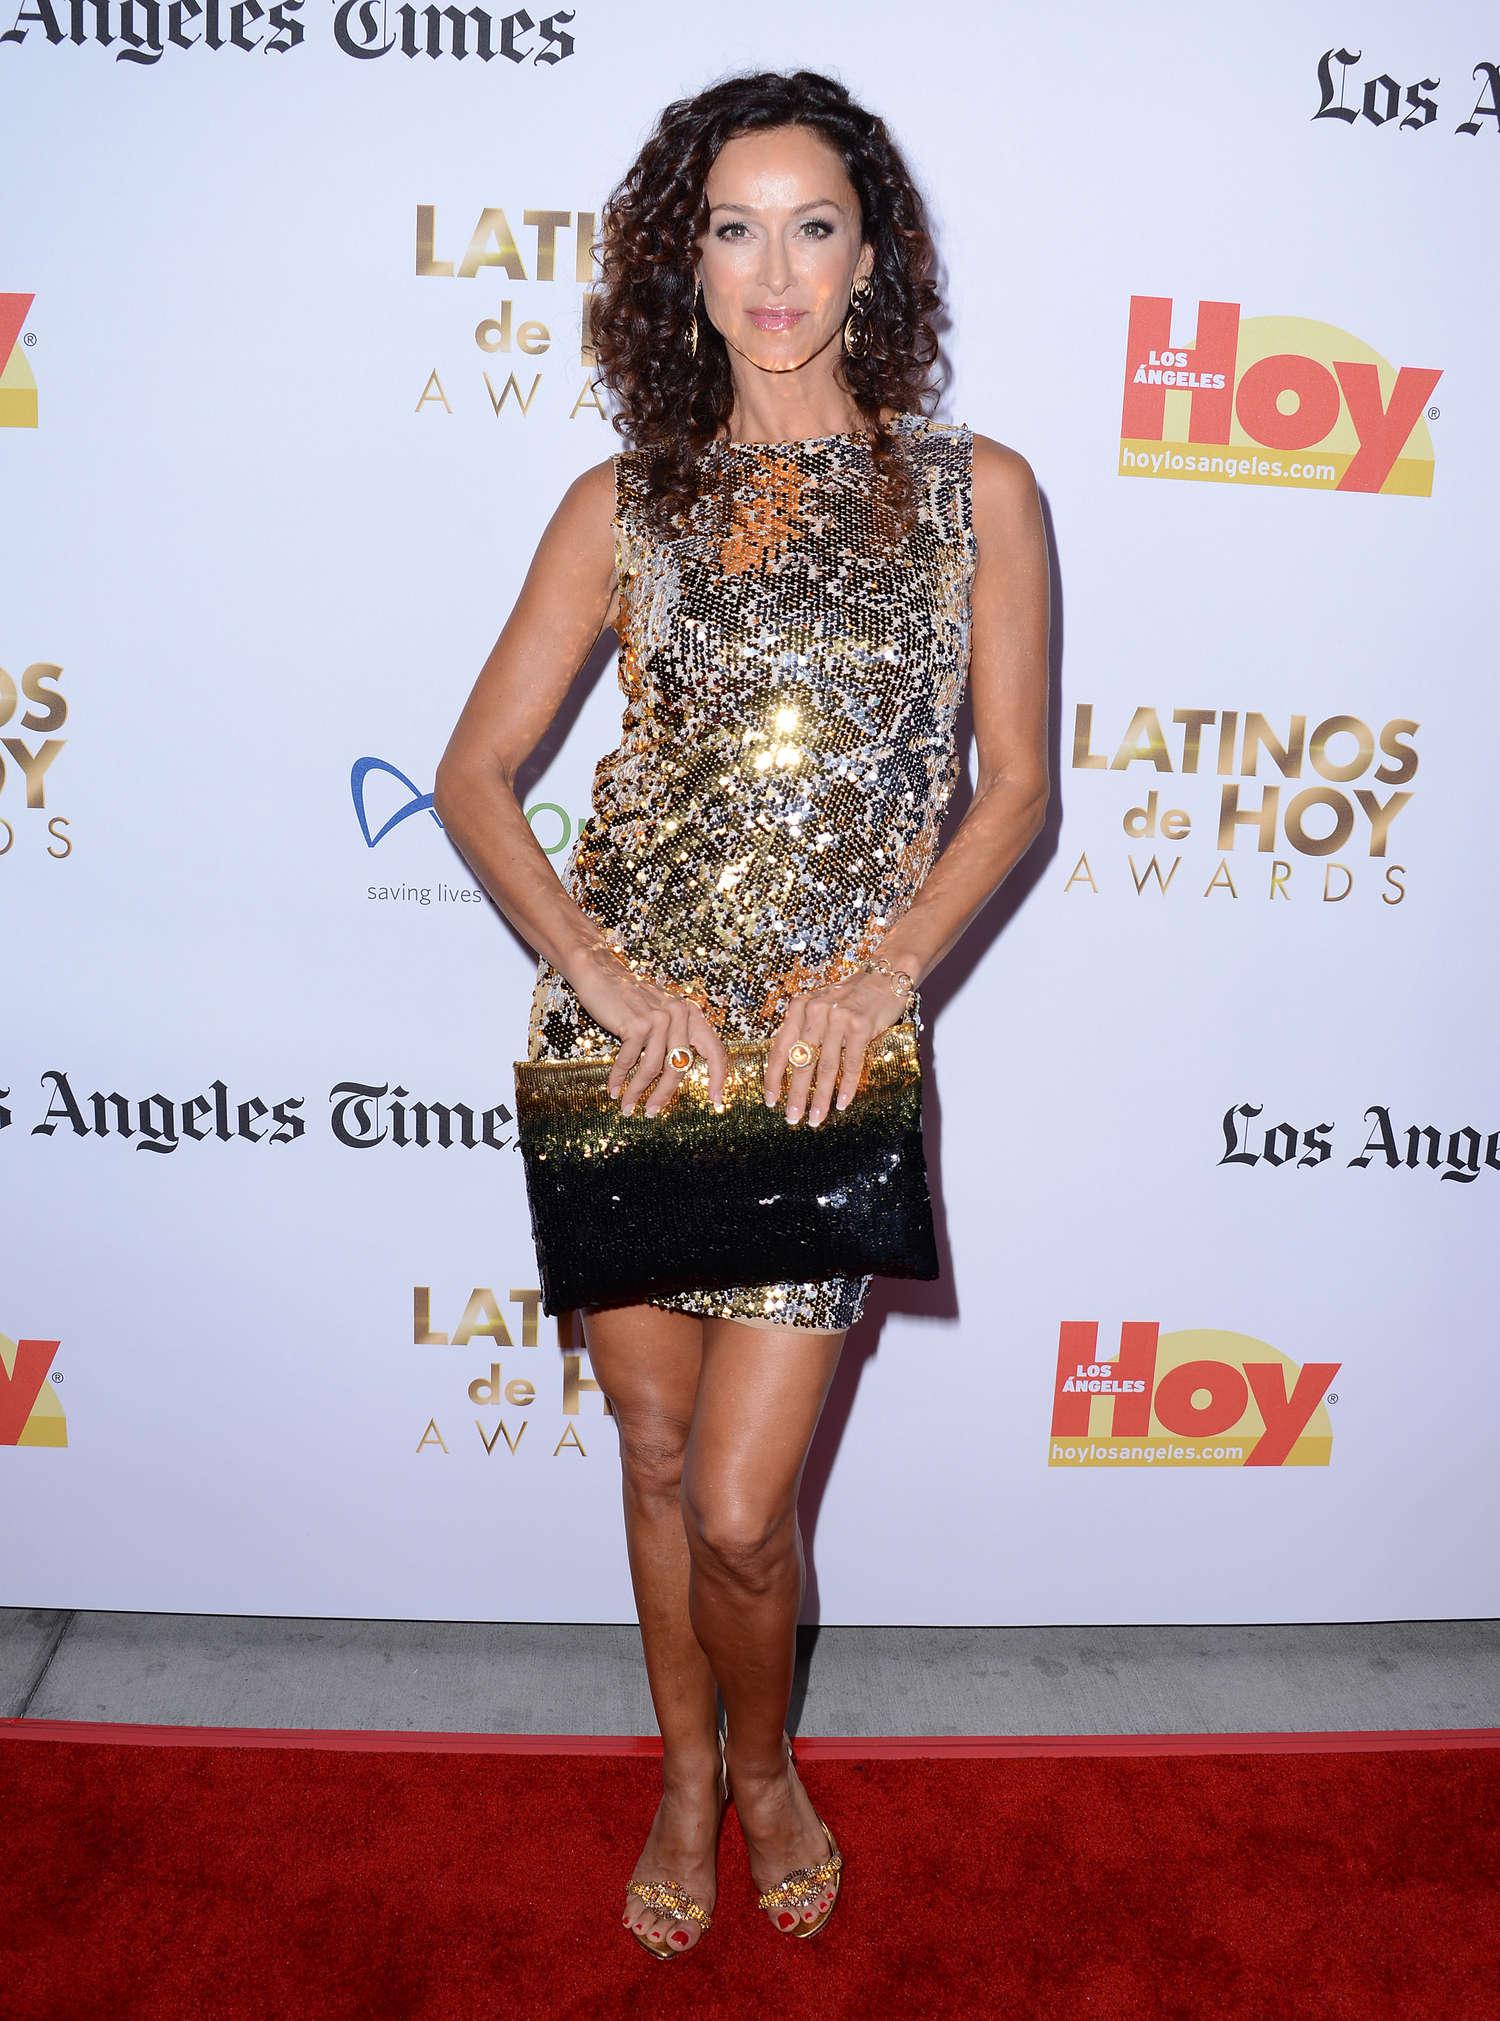 Sofia Milos 2013 : Sofia Milos: Latinos de Hoy Awards 2013 -01